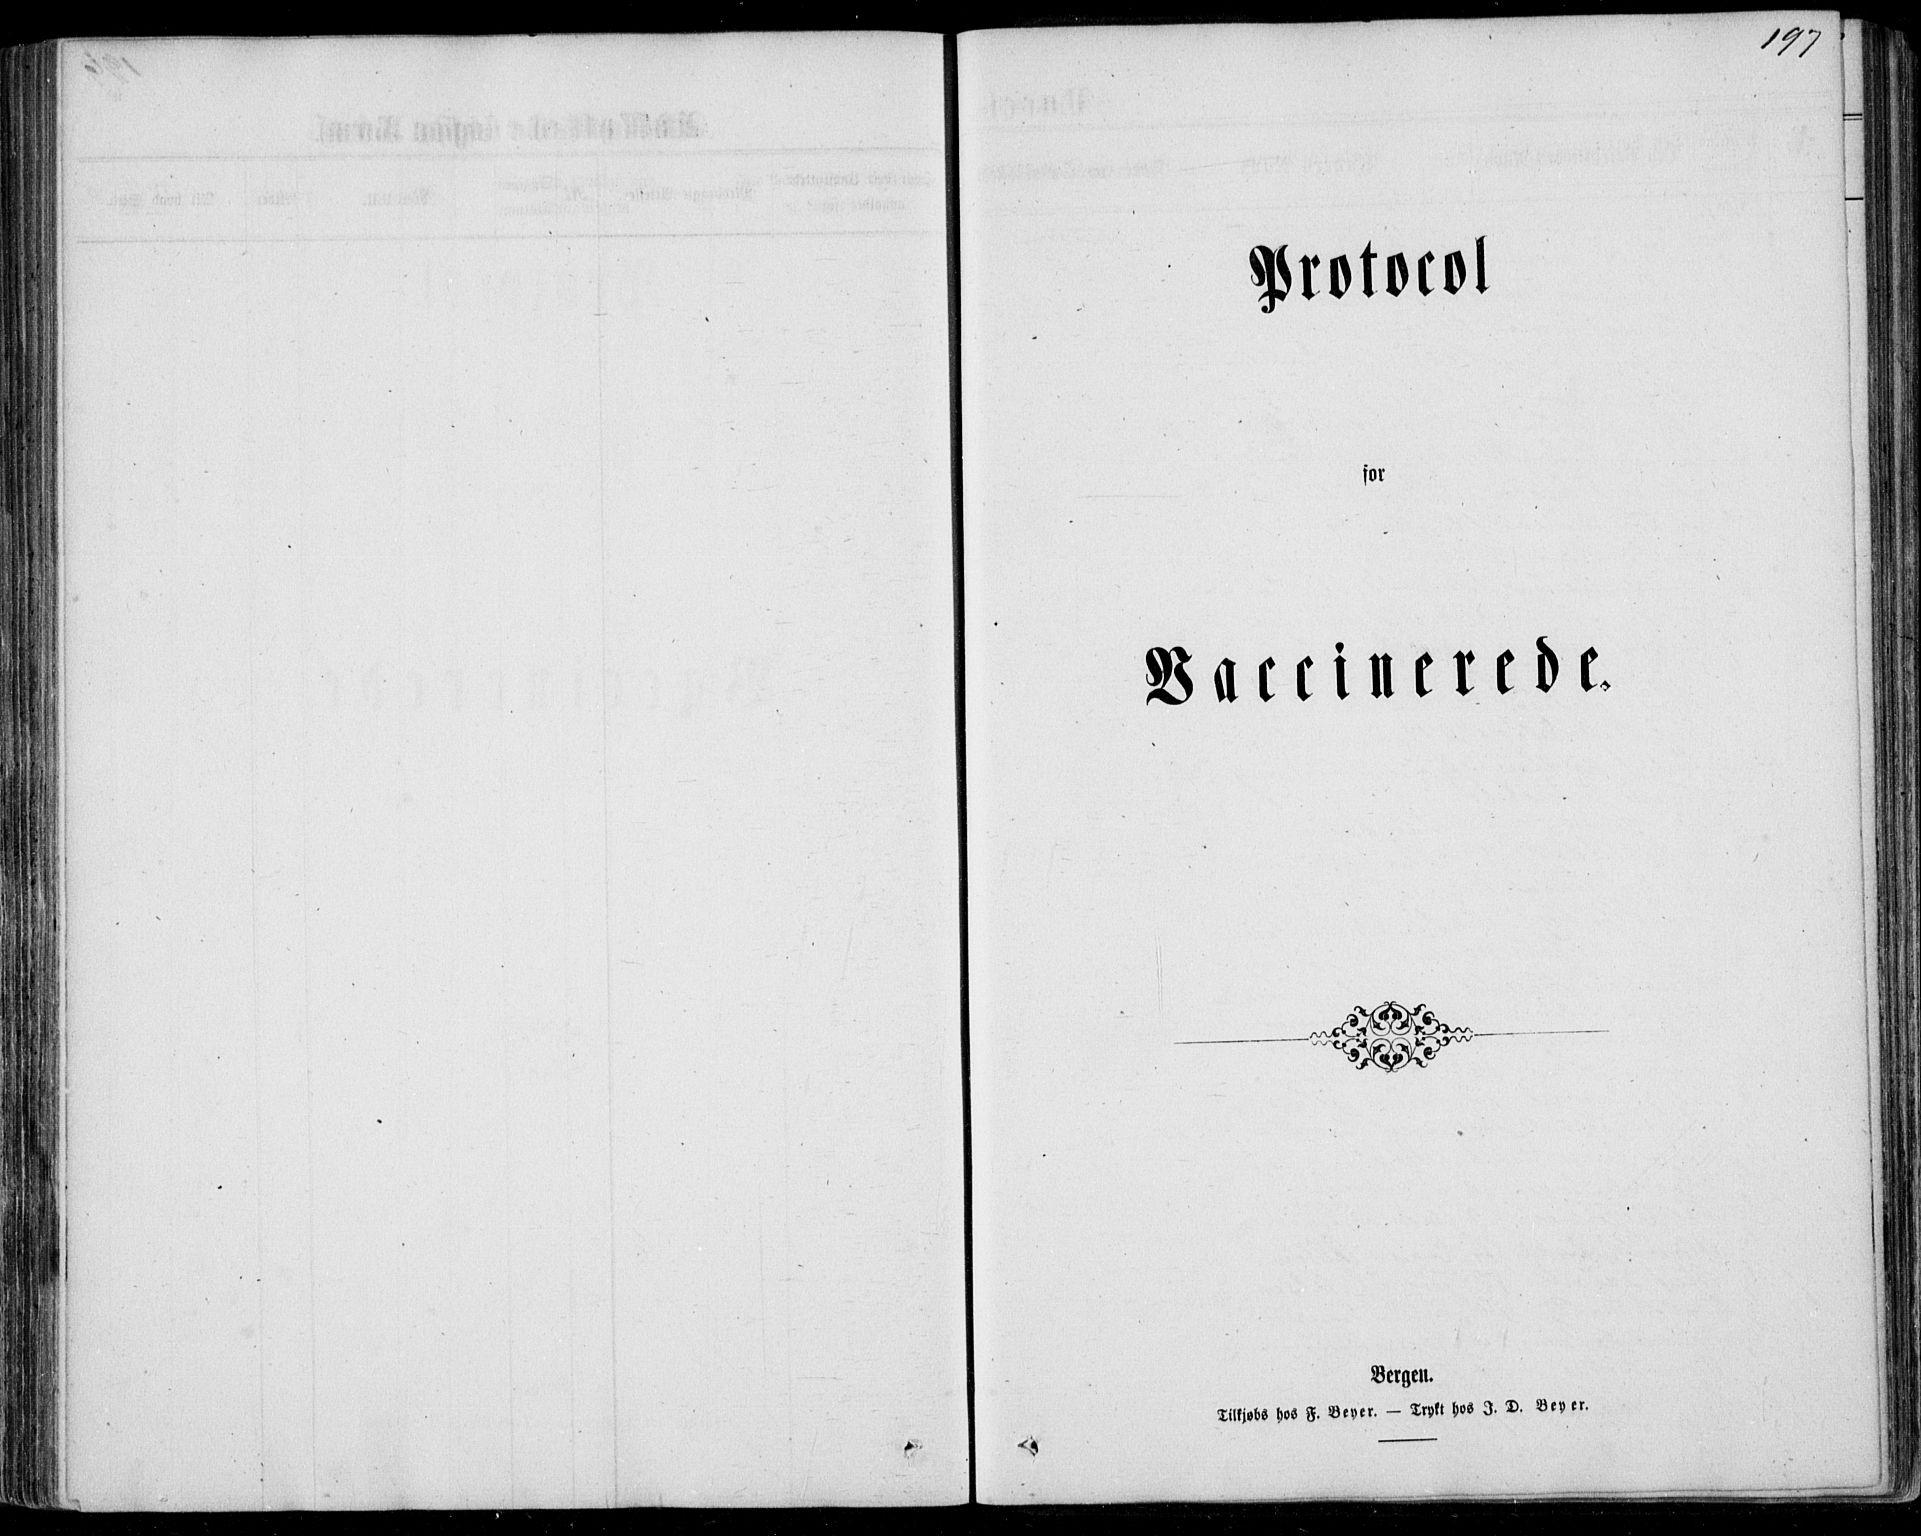 SAT, Ministerialprotokoller, klokkerbøker og fødselsregistre - Møre og Romsdal, 529/L0452: Ministerialbok nr. 529A02, 1864-1871, s. 197